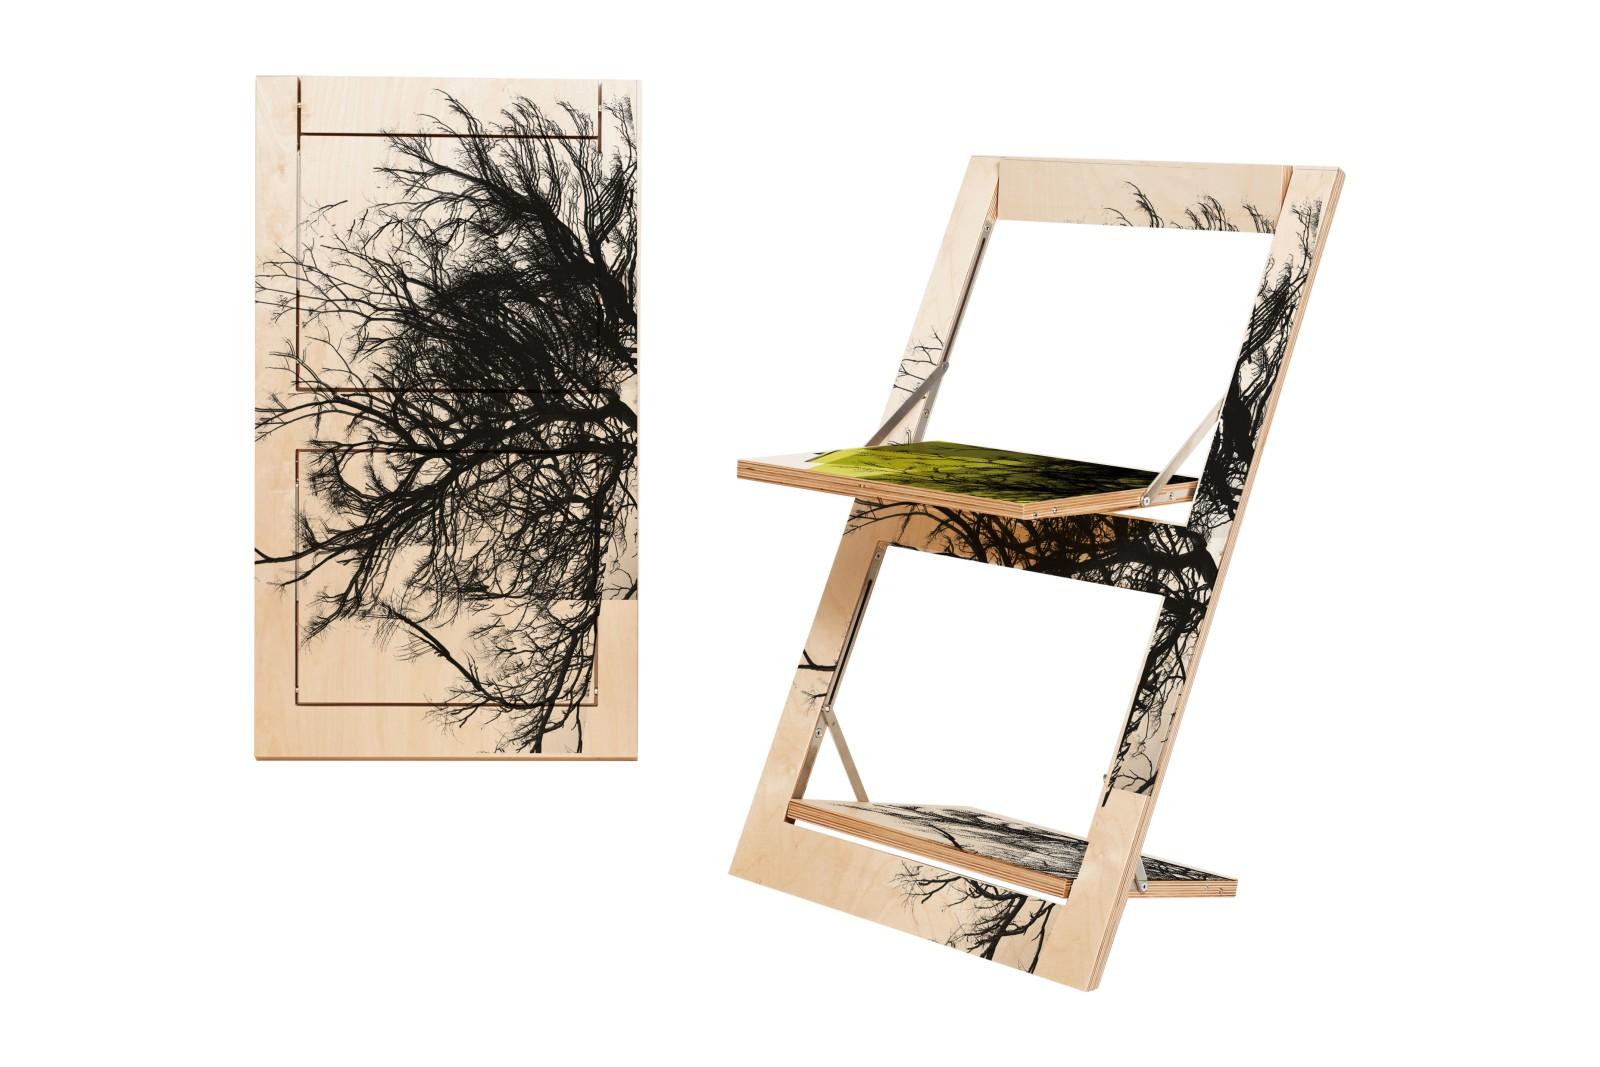 Fläpps Folding Chair Baum/Baum Gelb